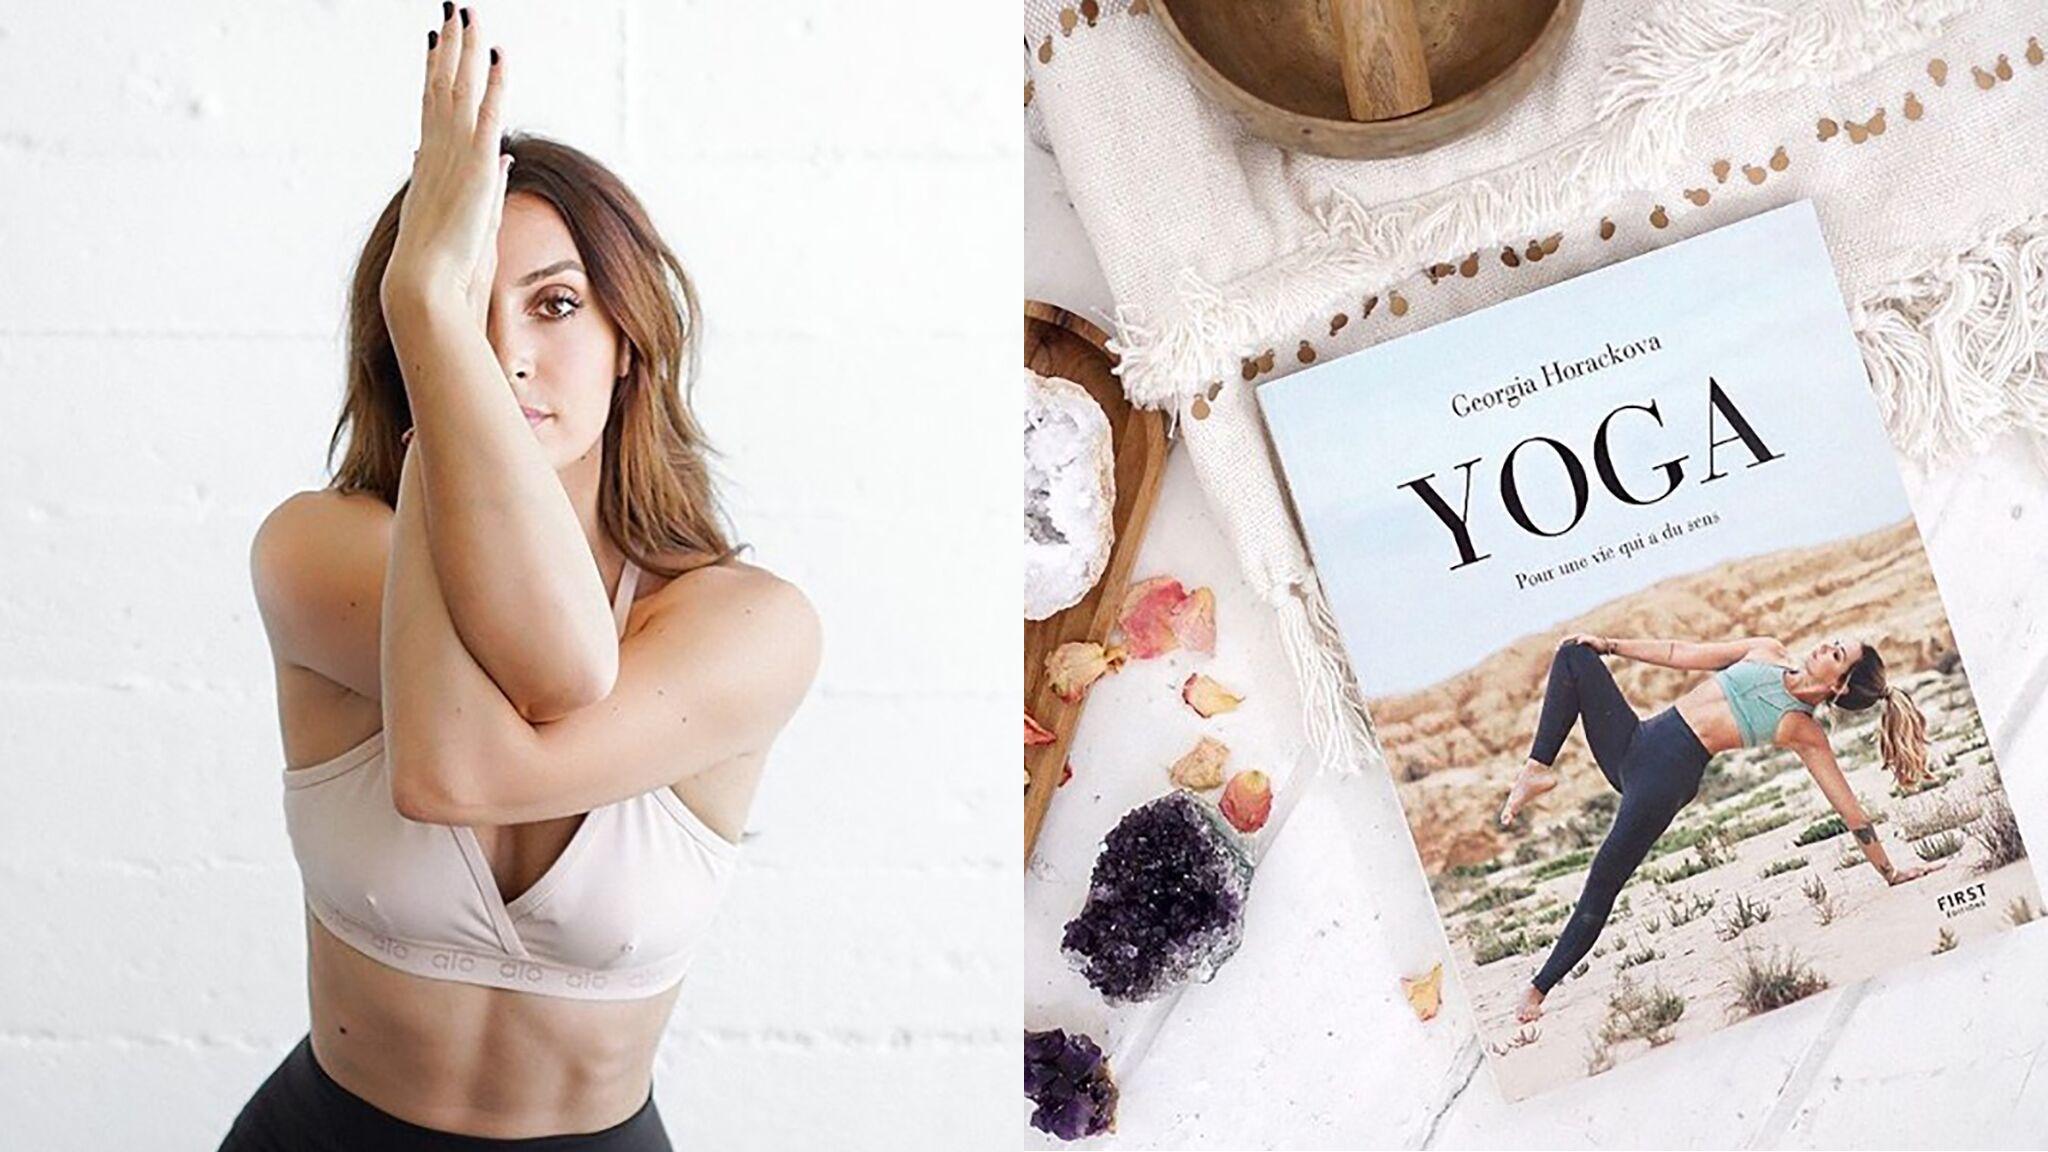 site de rencontre yogi)